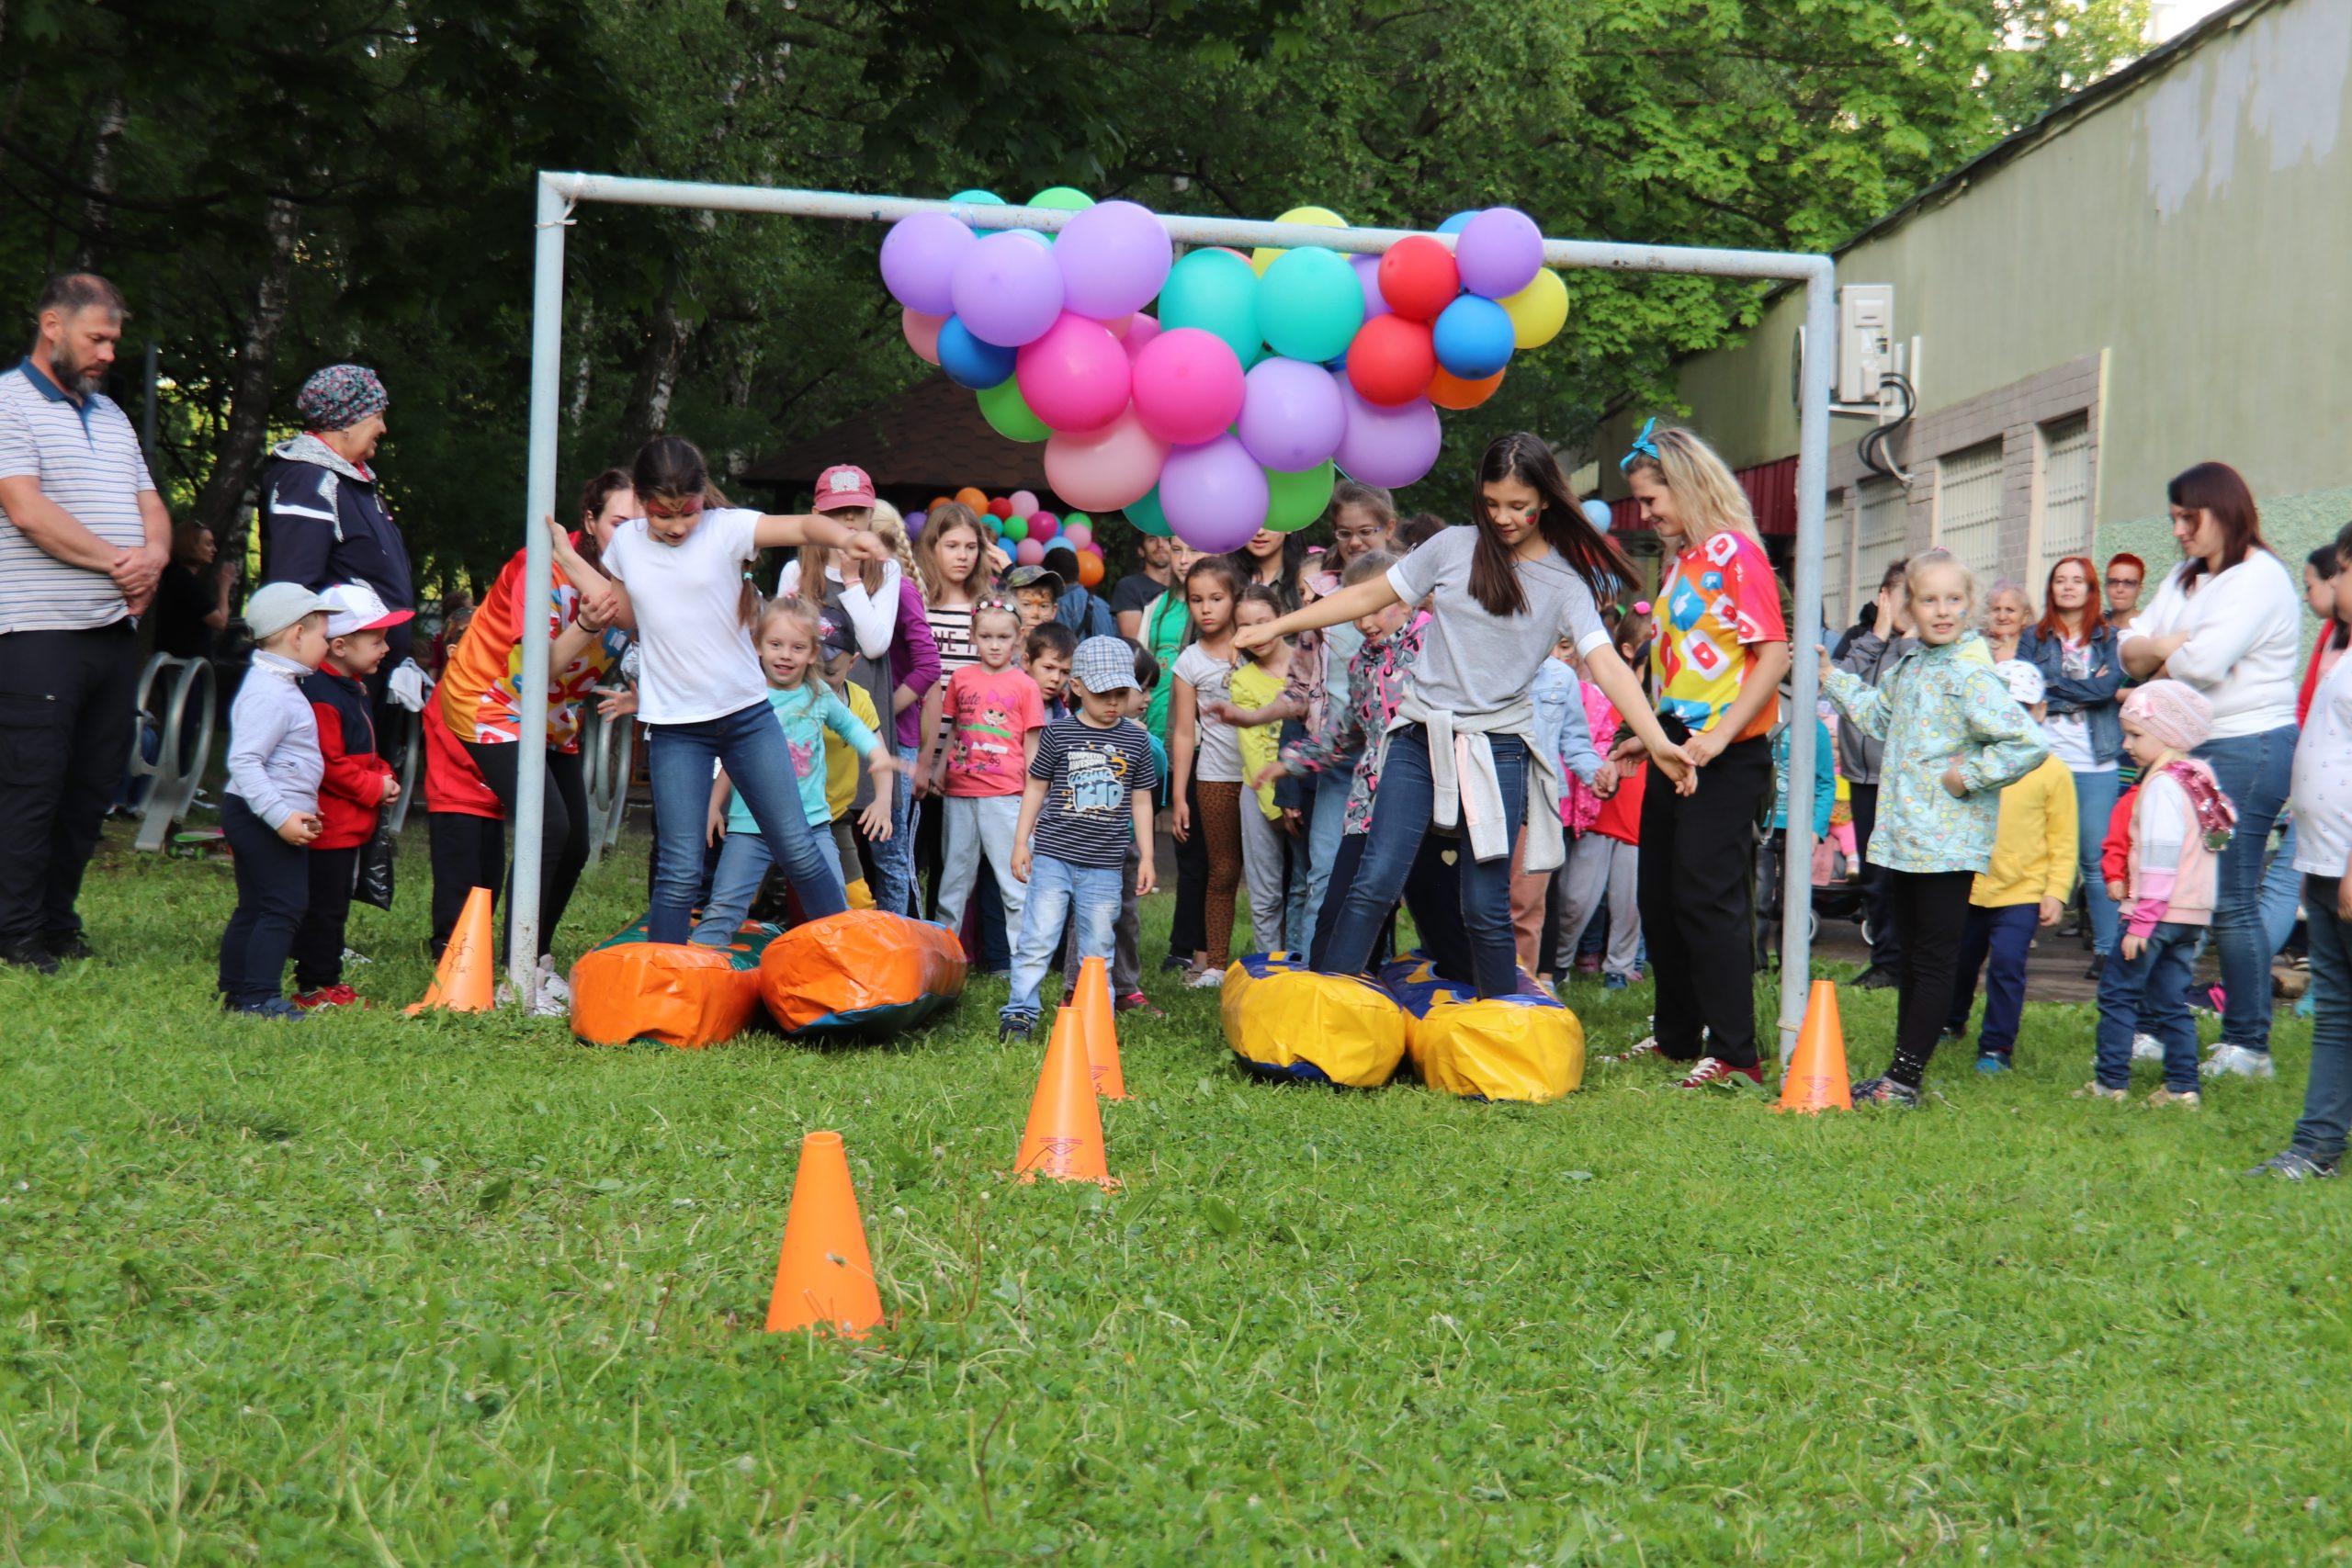 Праздник детства провели в Орехове-Борисове Южном